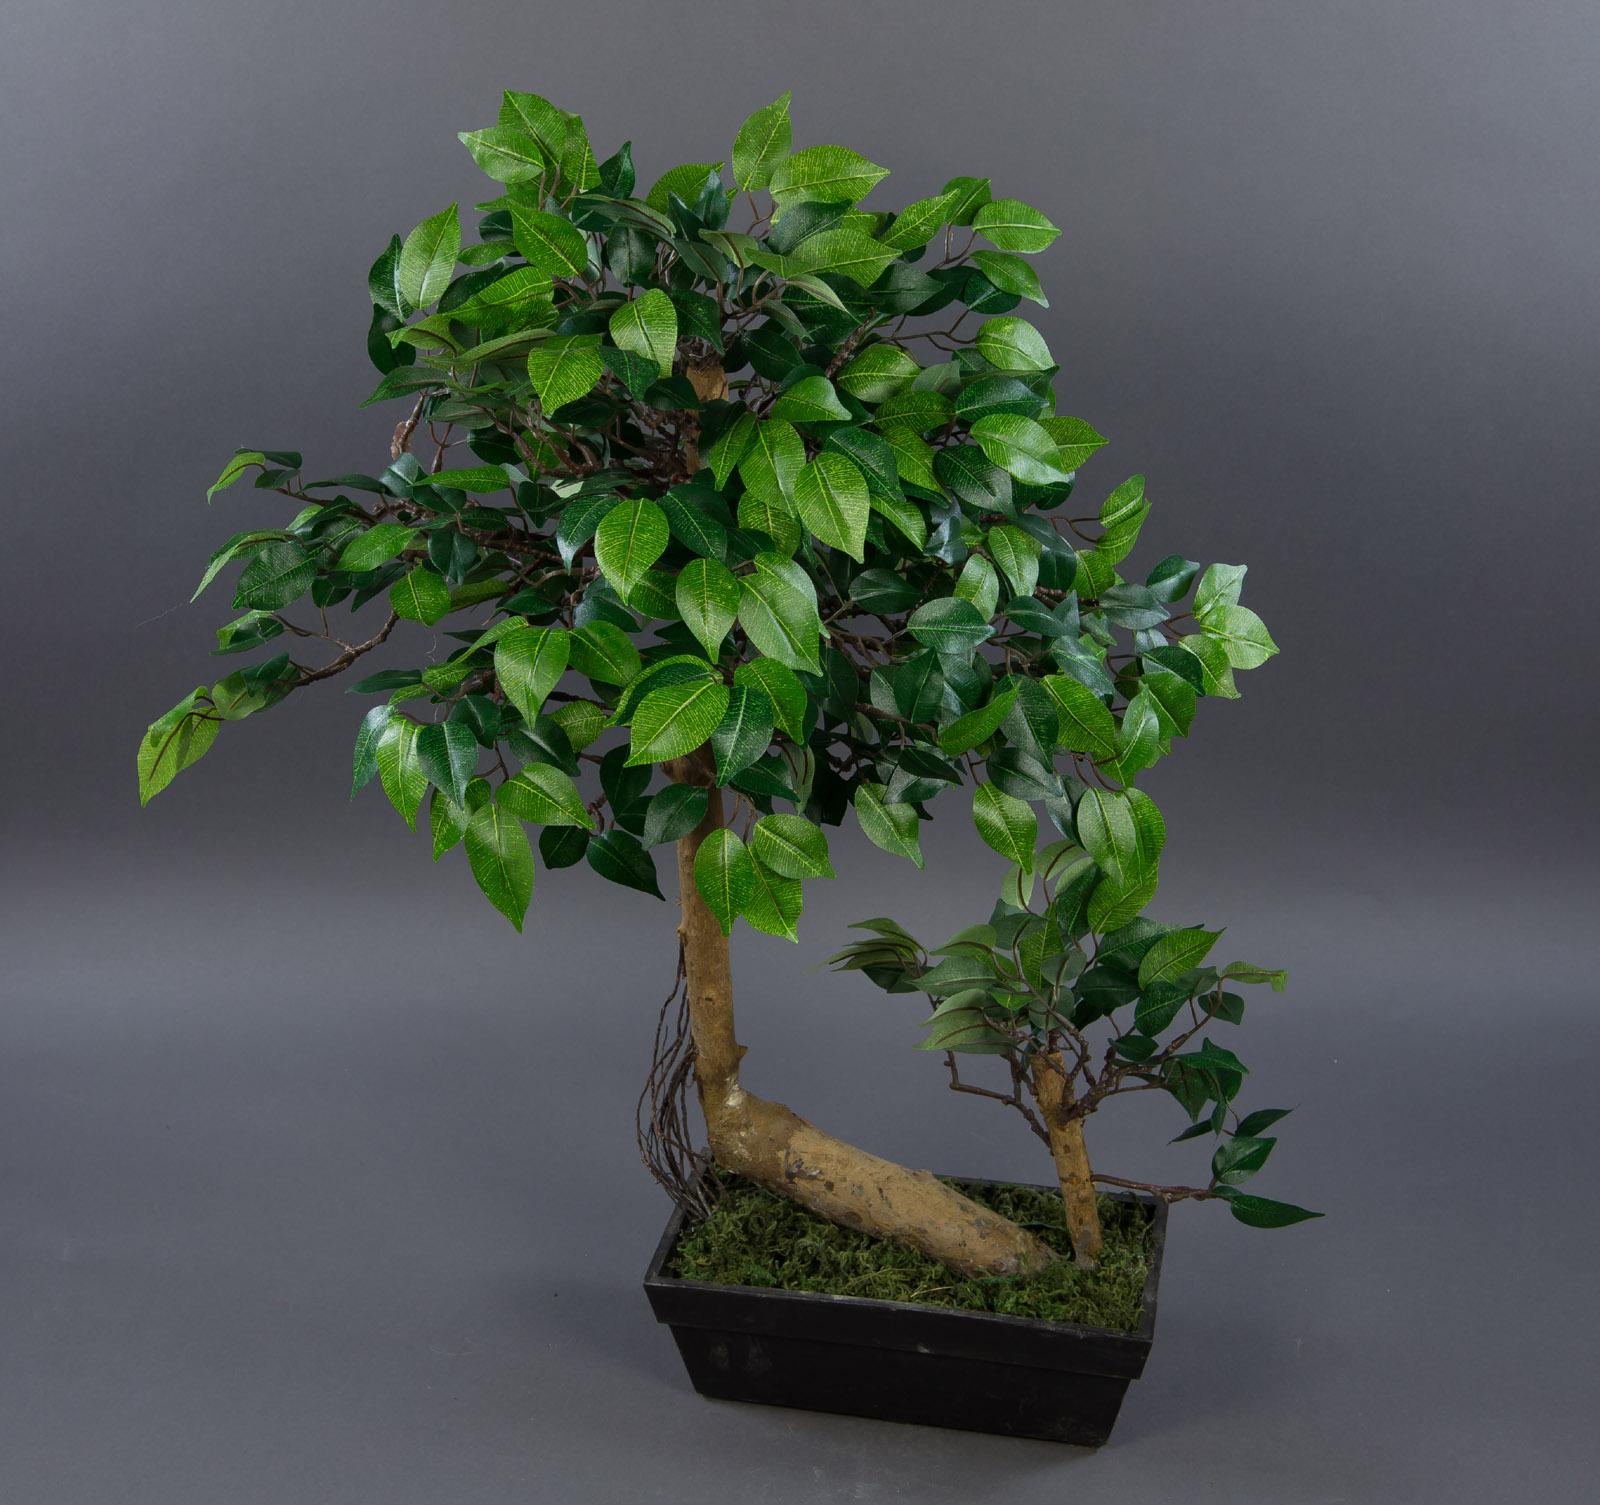 ficus bonsai in schale 60x50cm ga k nstlicher baum kunstbaum kunstpflanzen ebay. Black Bedroom Furniture Sets. Home Design Ideas